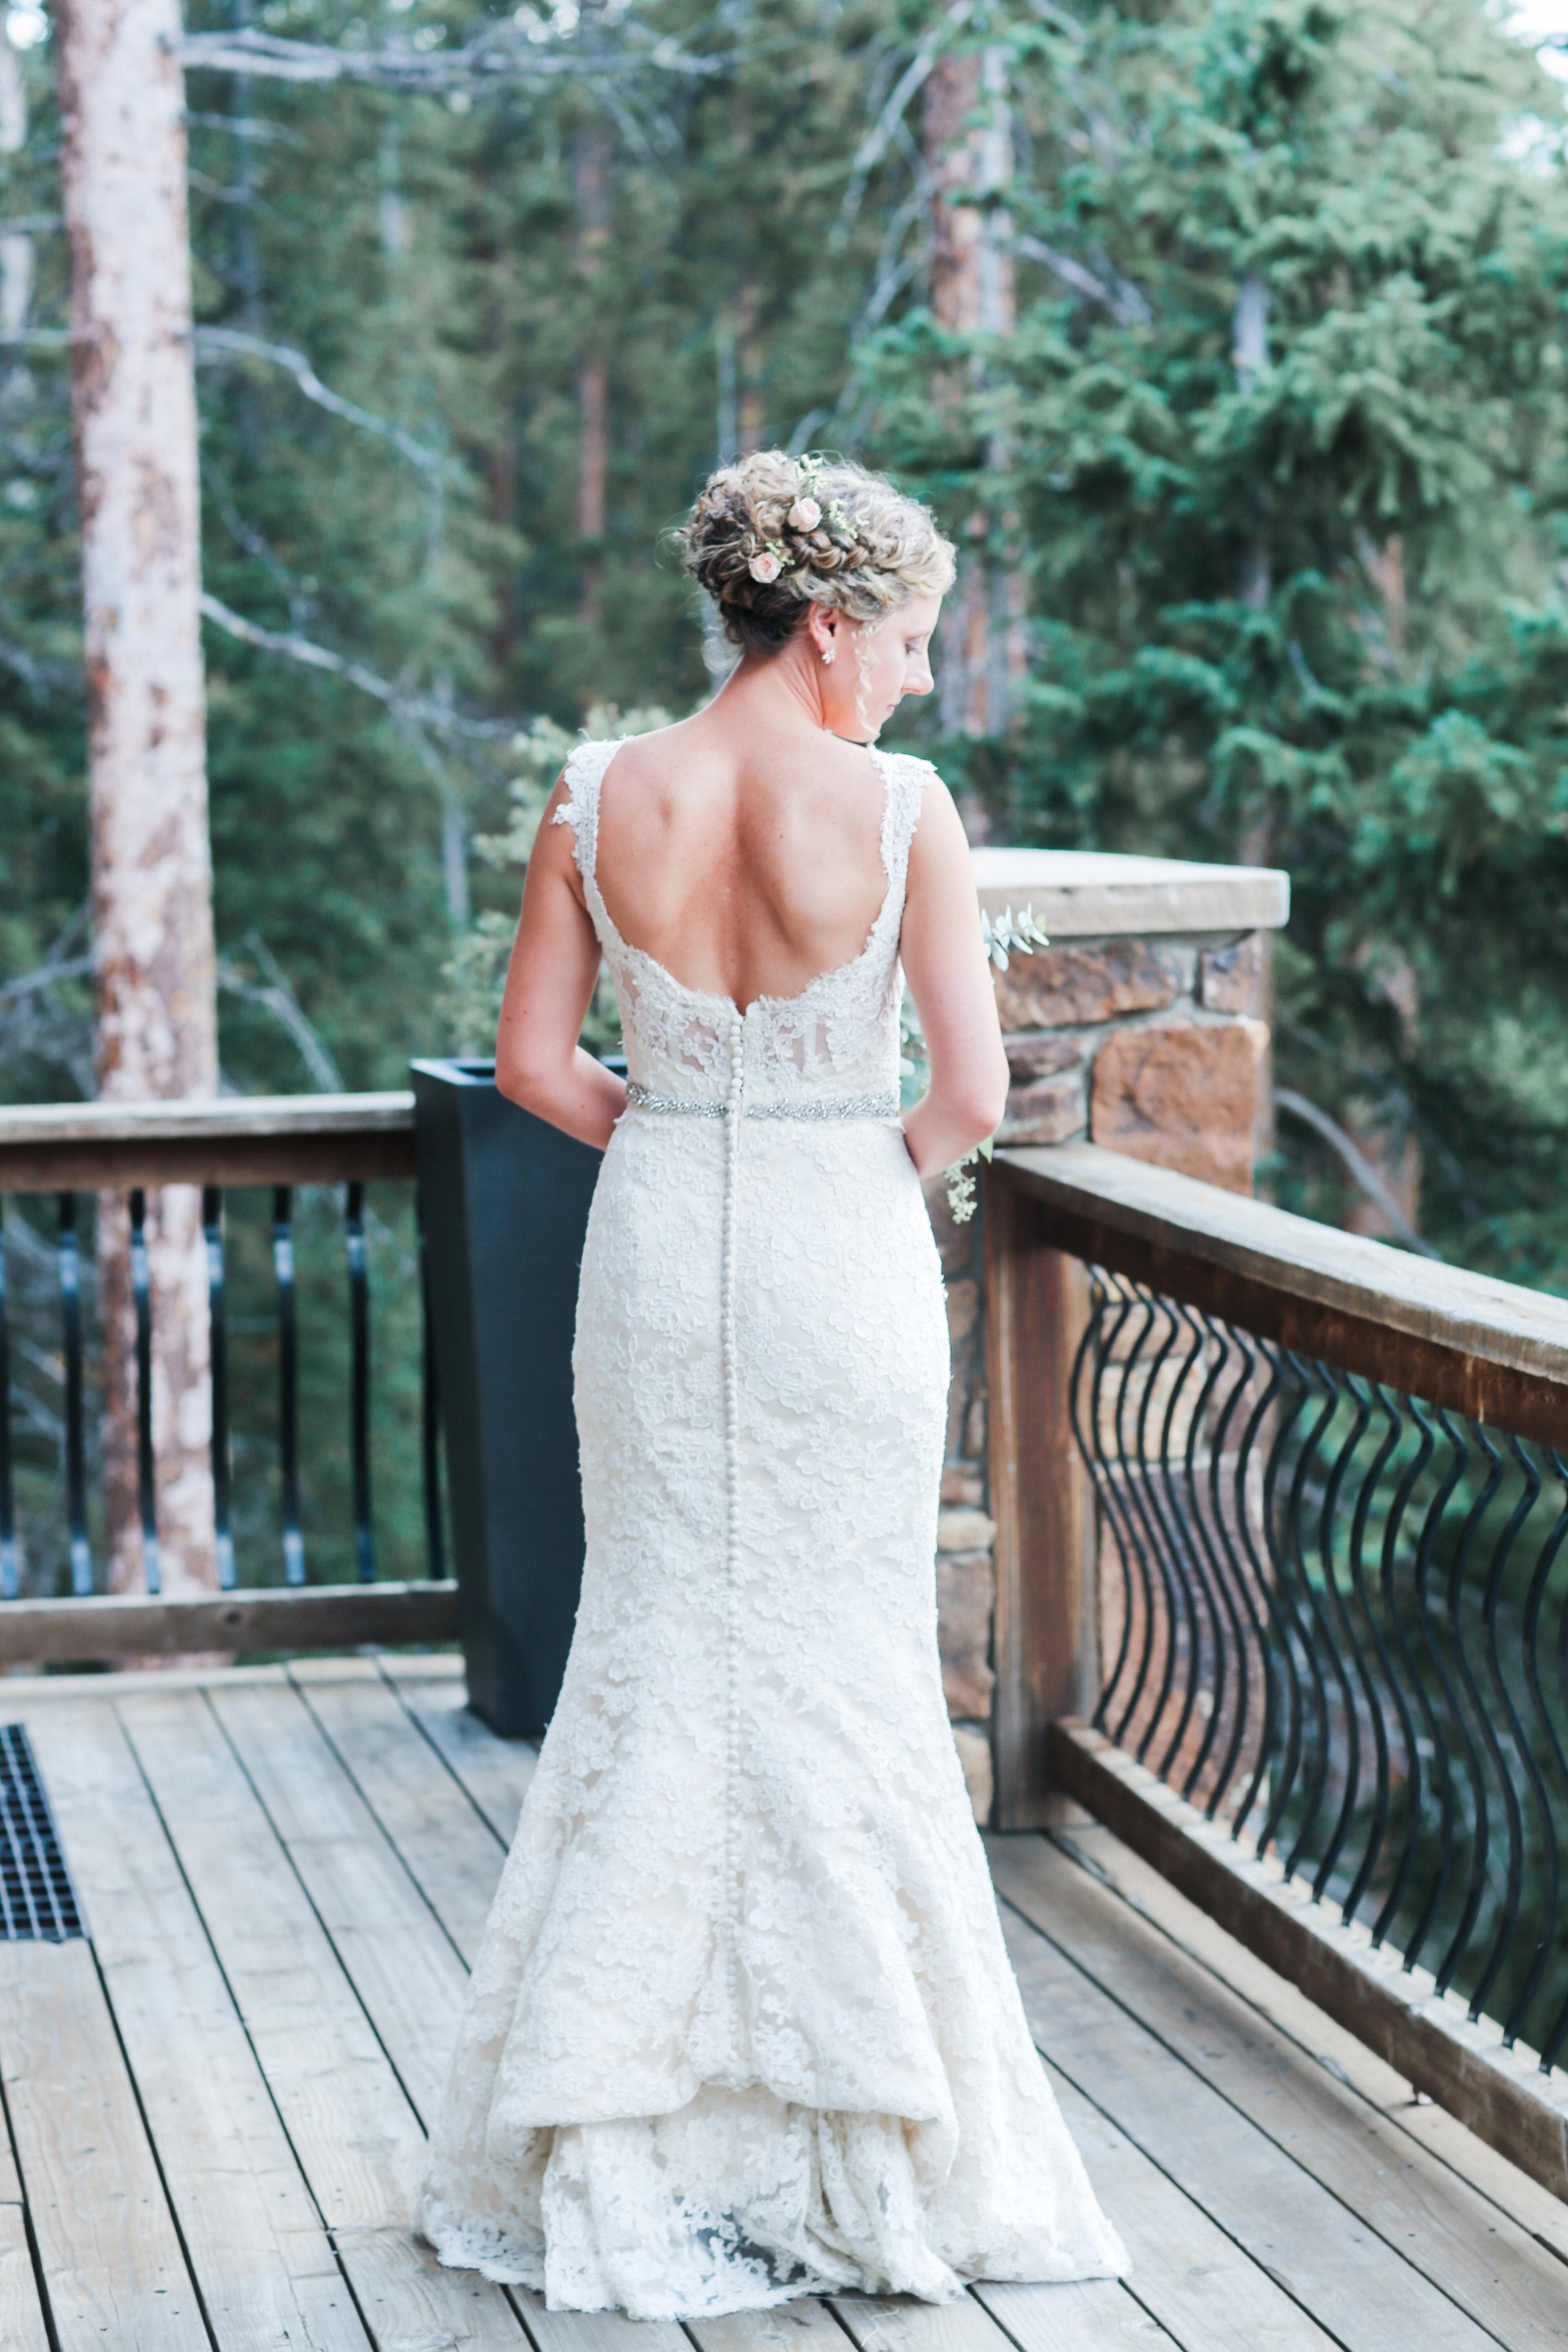 Nicole & Marks Wedding (255 of 1250).jpg